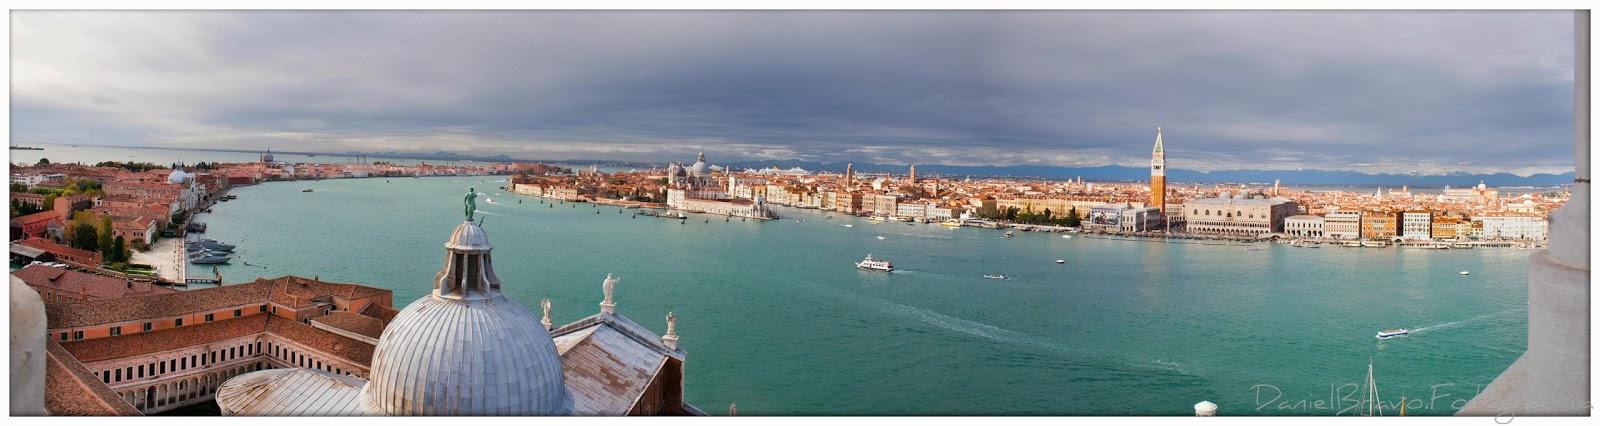 Panorámica del Gran Canal de Venecia desde el campanile de la iglesia de el Redentor